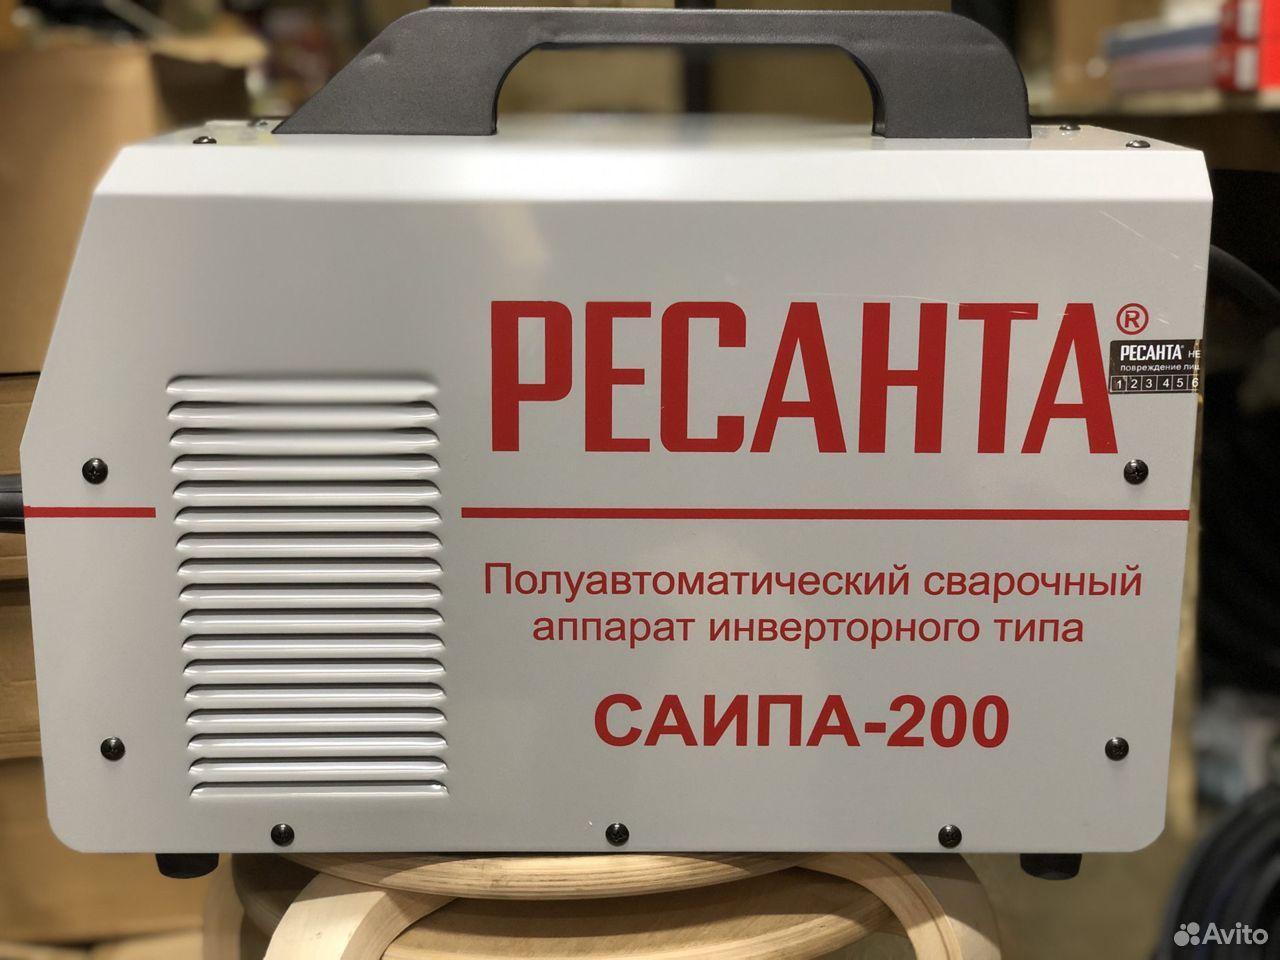 Ресанта саипа-200  89373960633 купить 3